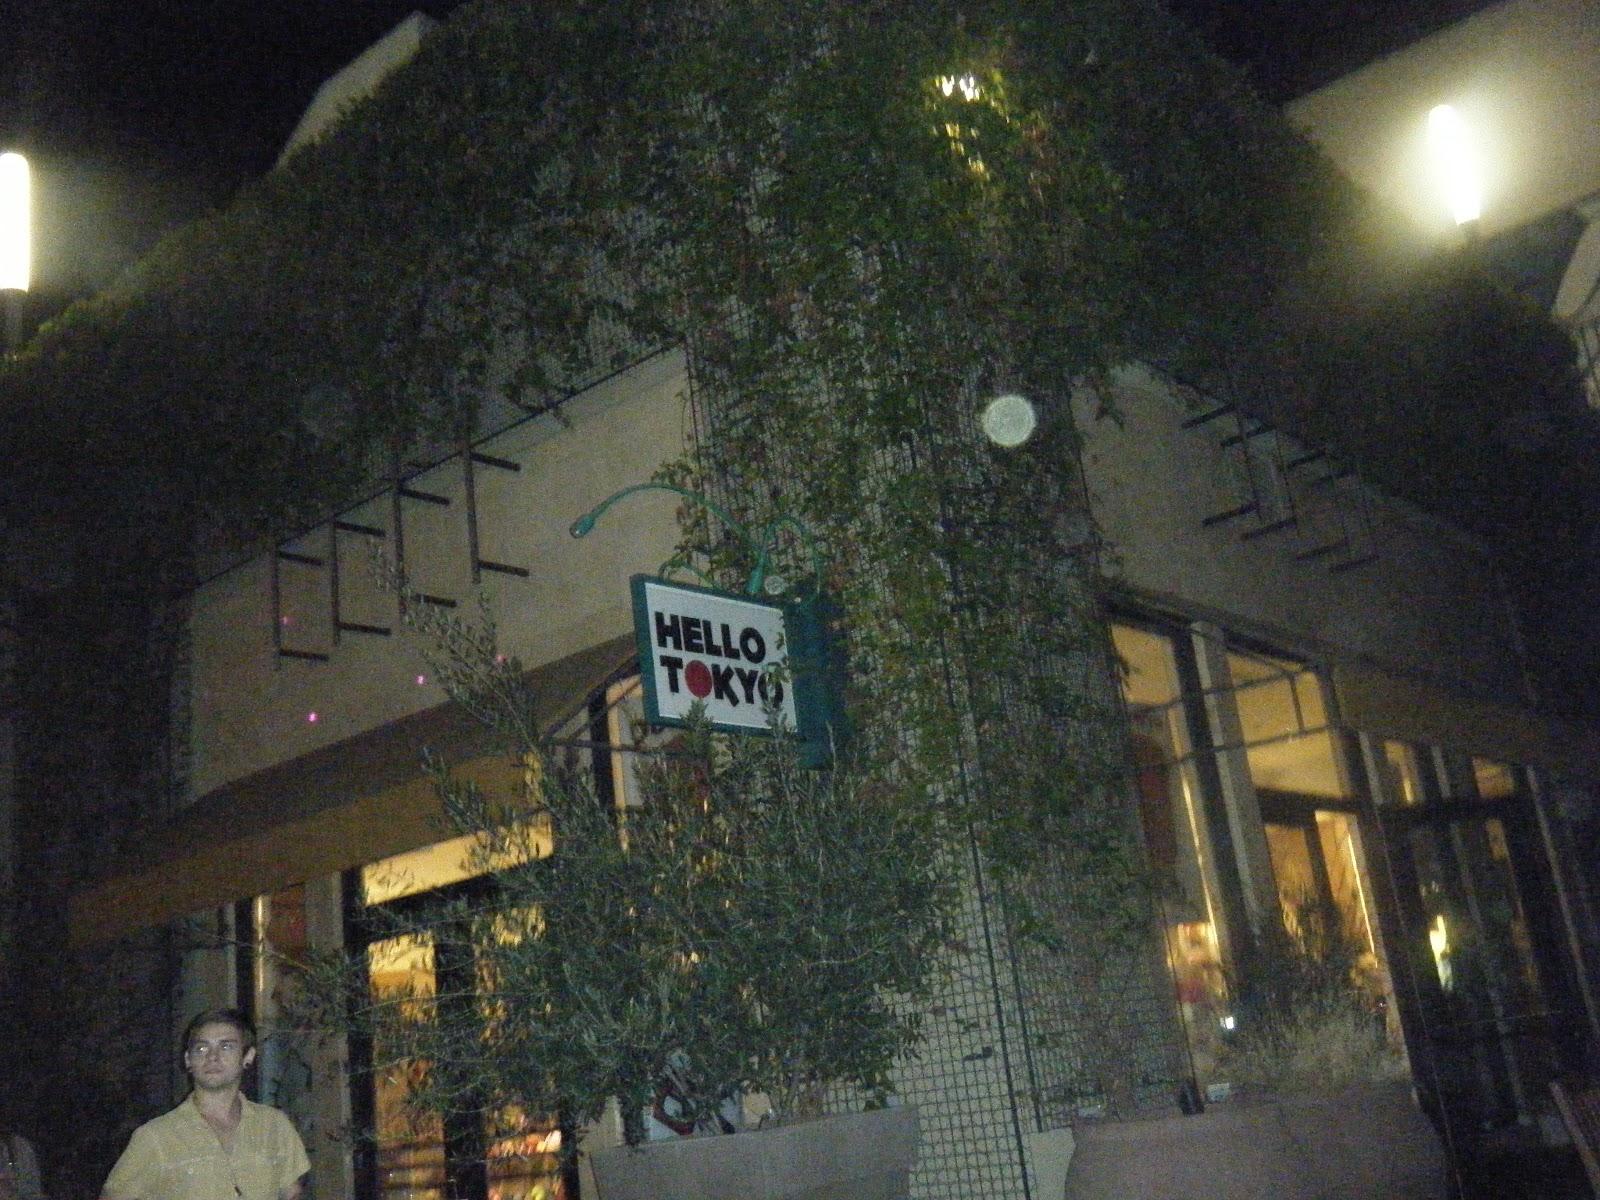 Restaurants In Garden Walk Anaheim: Shereen Travels Cheap: Visiting Anaheim GardenWalk 11.10.12